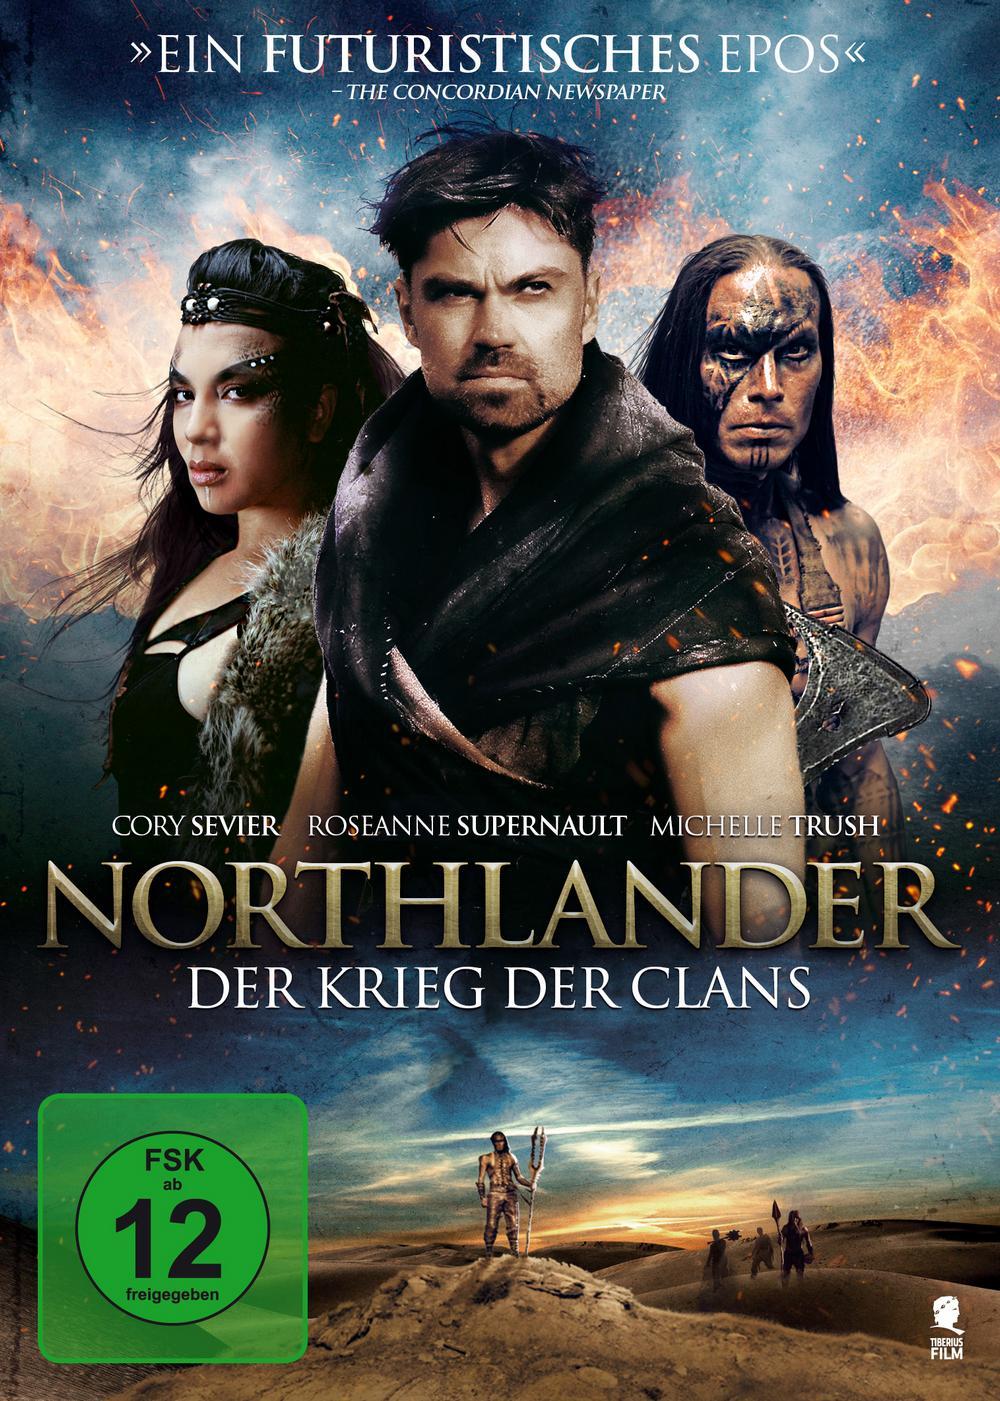 Northlander - Der Krieg der Clans - Film